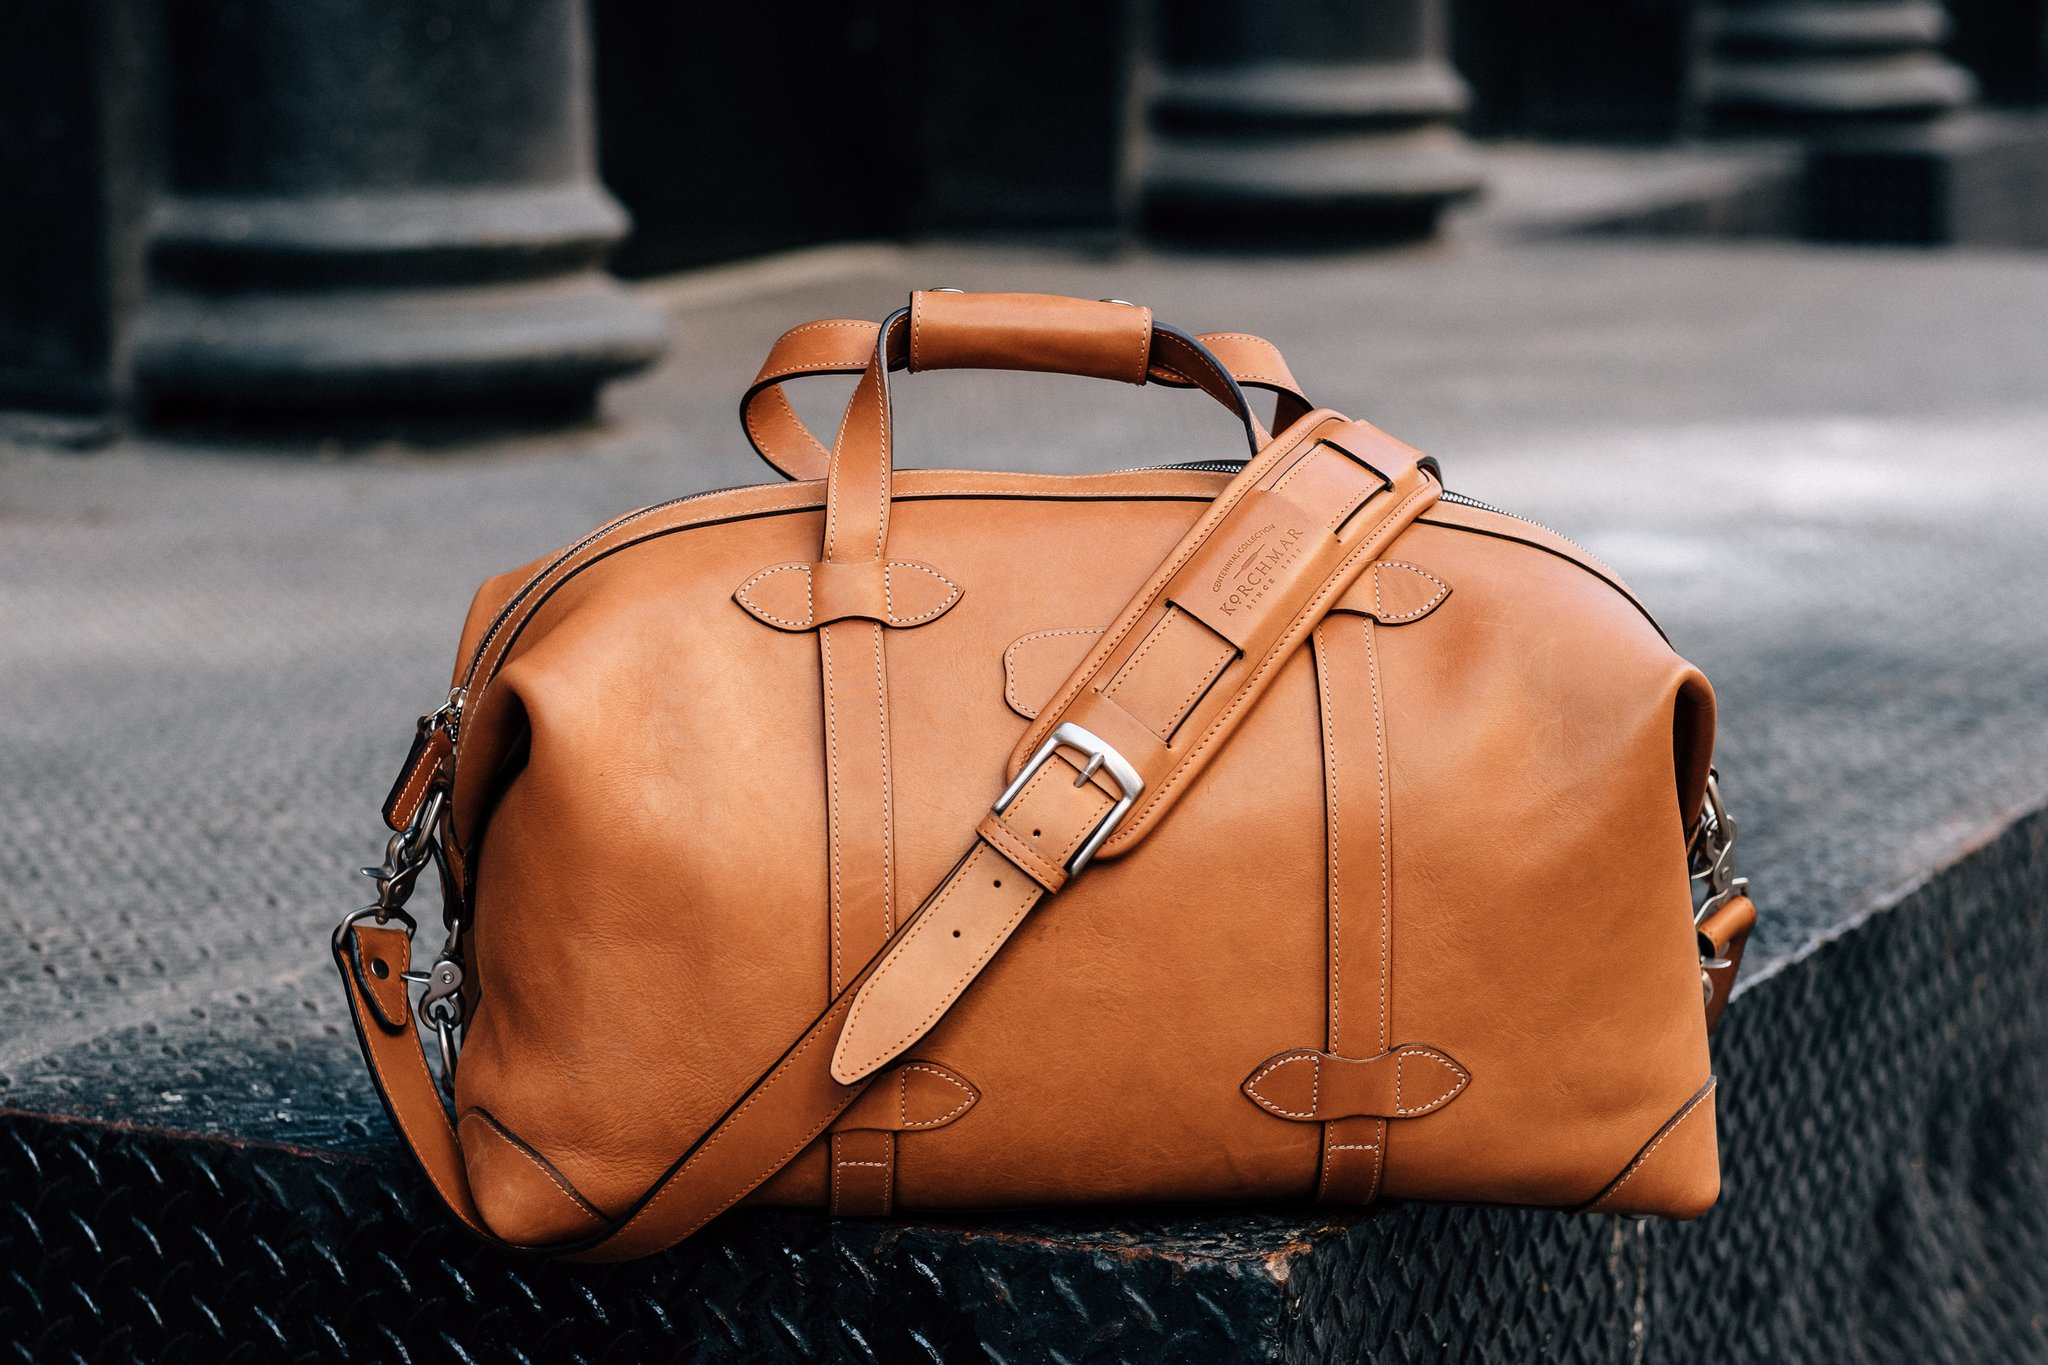 Chiếc túi xách được ra mắt nhân kỉ niệm 100 năm